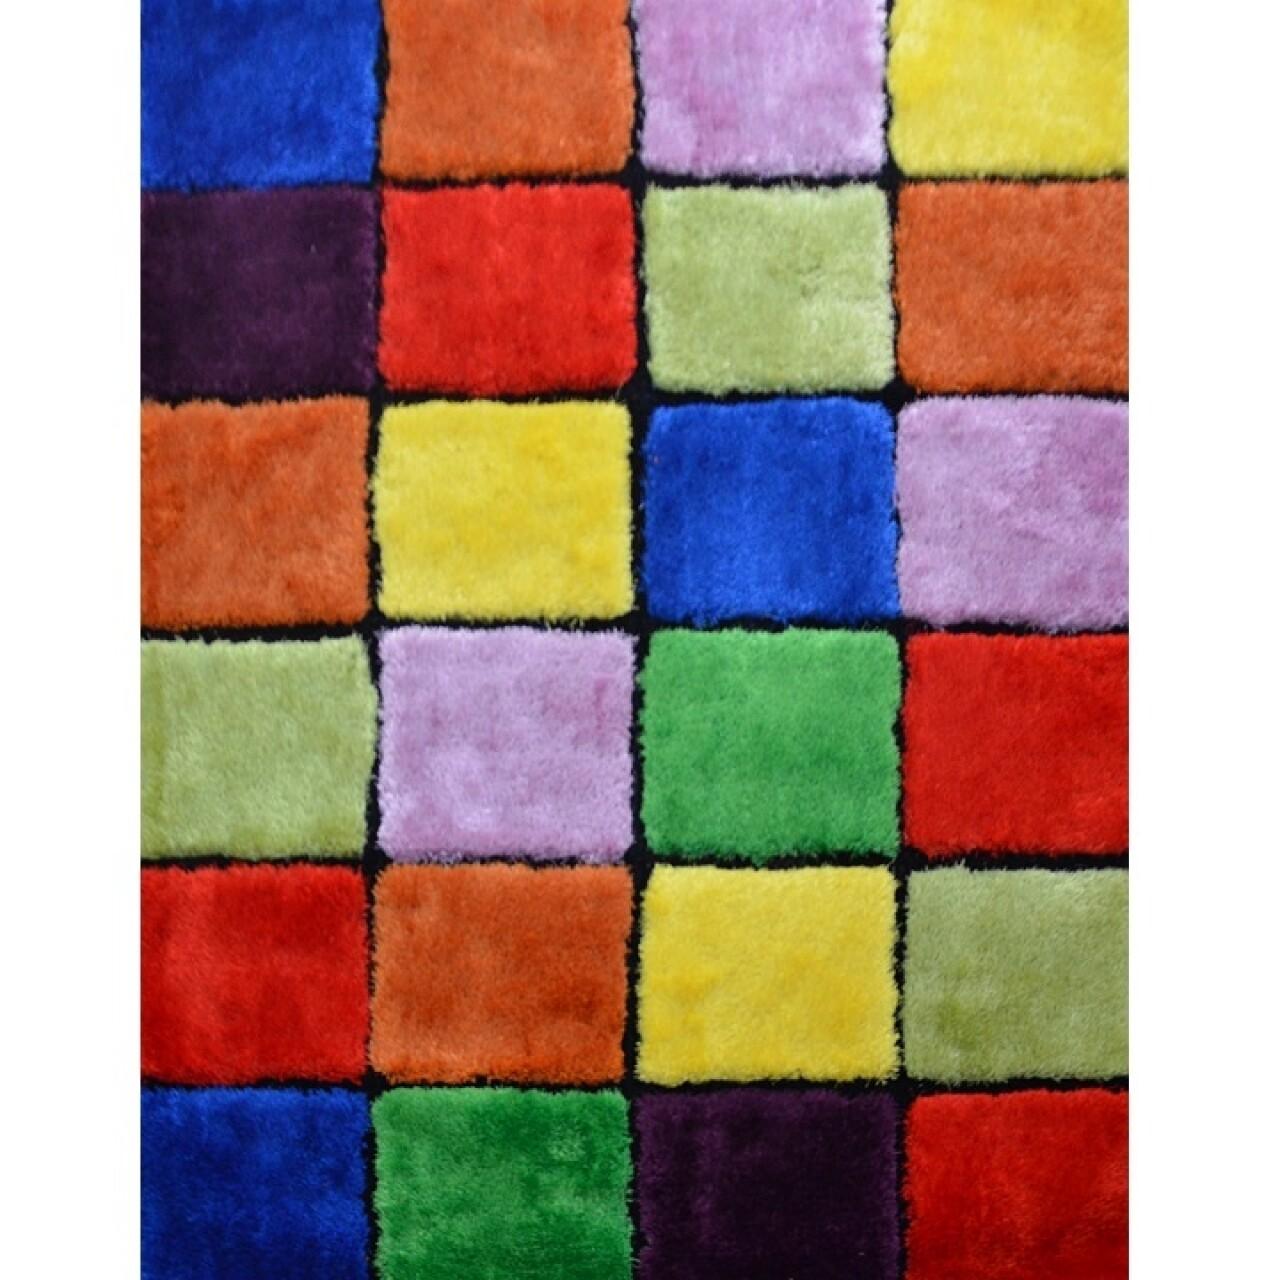 Covor Ludvic Koberec SM73A, 140 x 200 cm, 100% poliester, multicolor